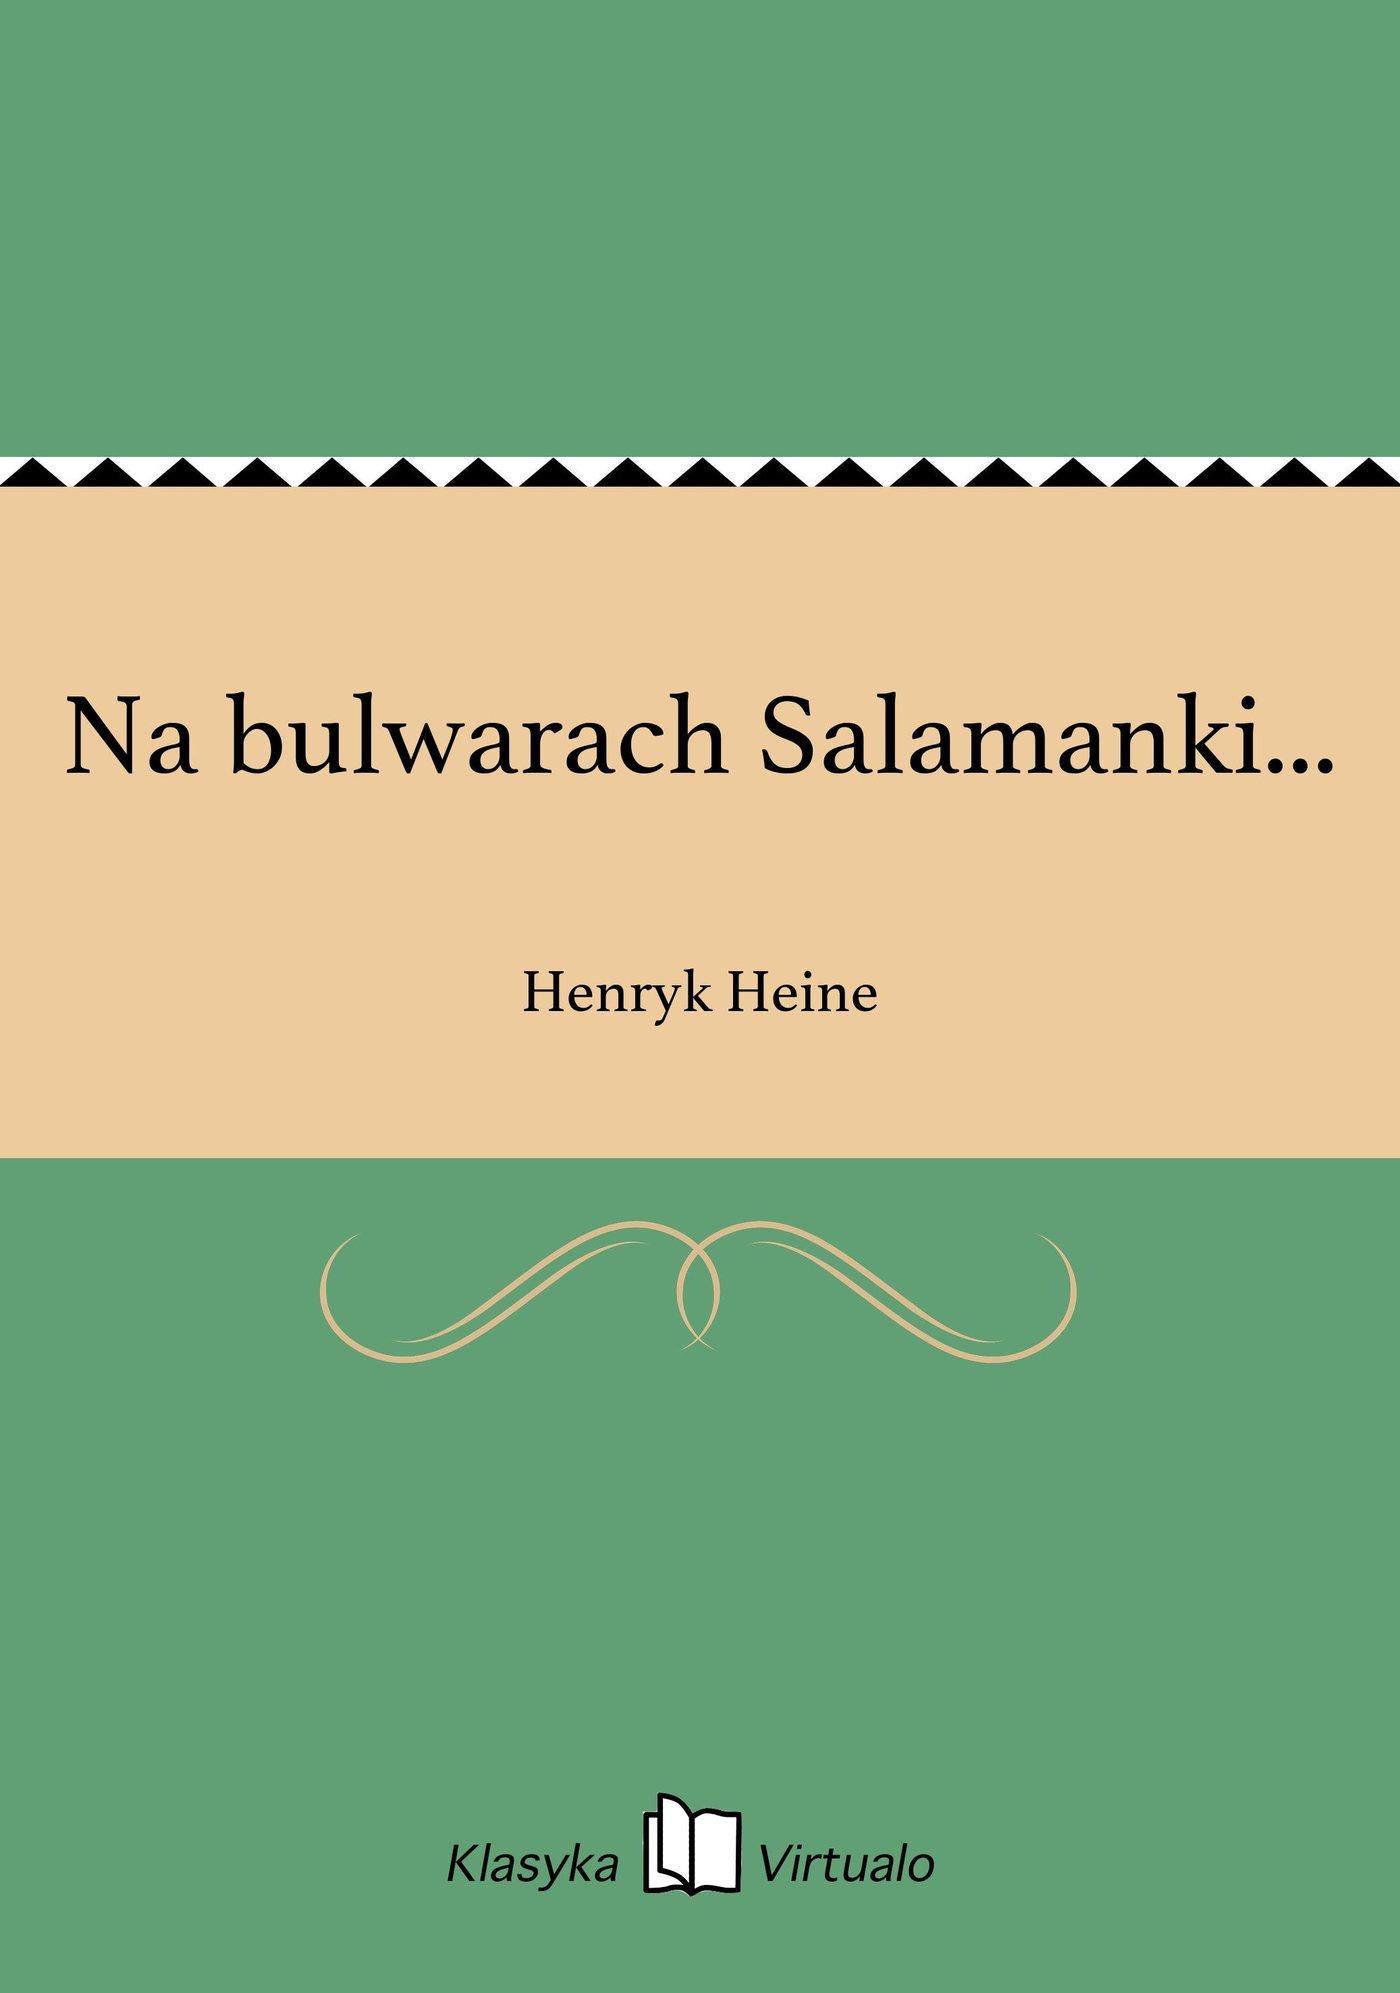 Na bulwarach Salamanki... - Ebook (Książka na Kindle) do pobrania w formacie MOBI